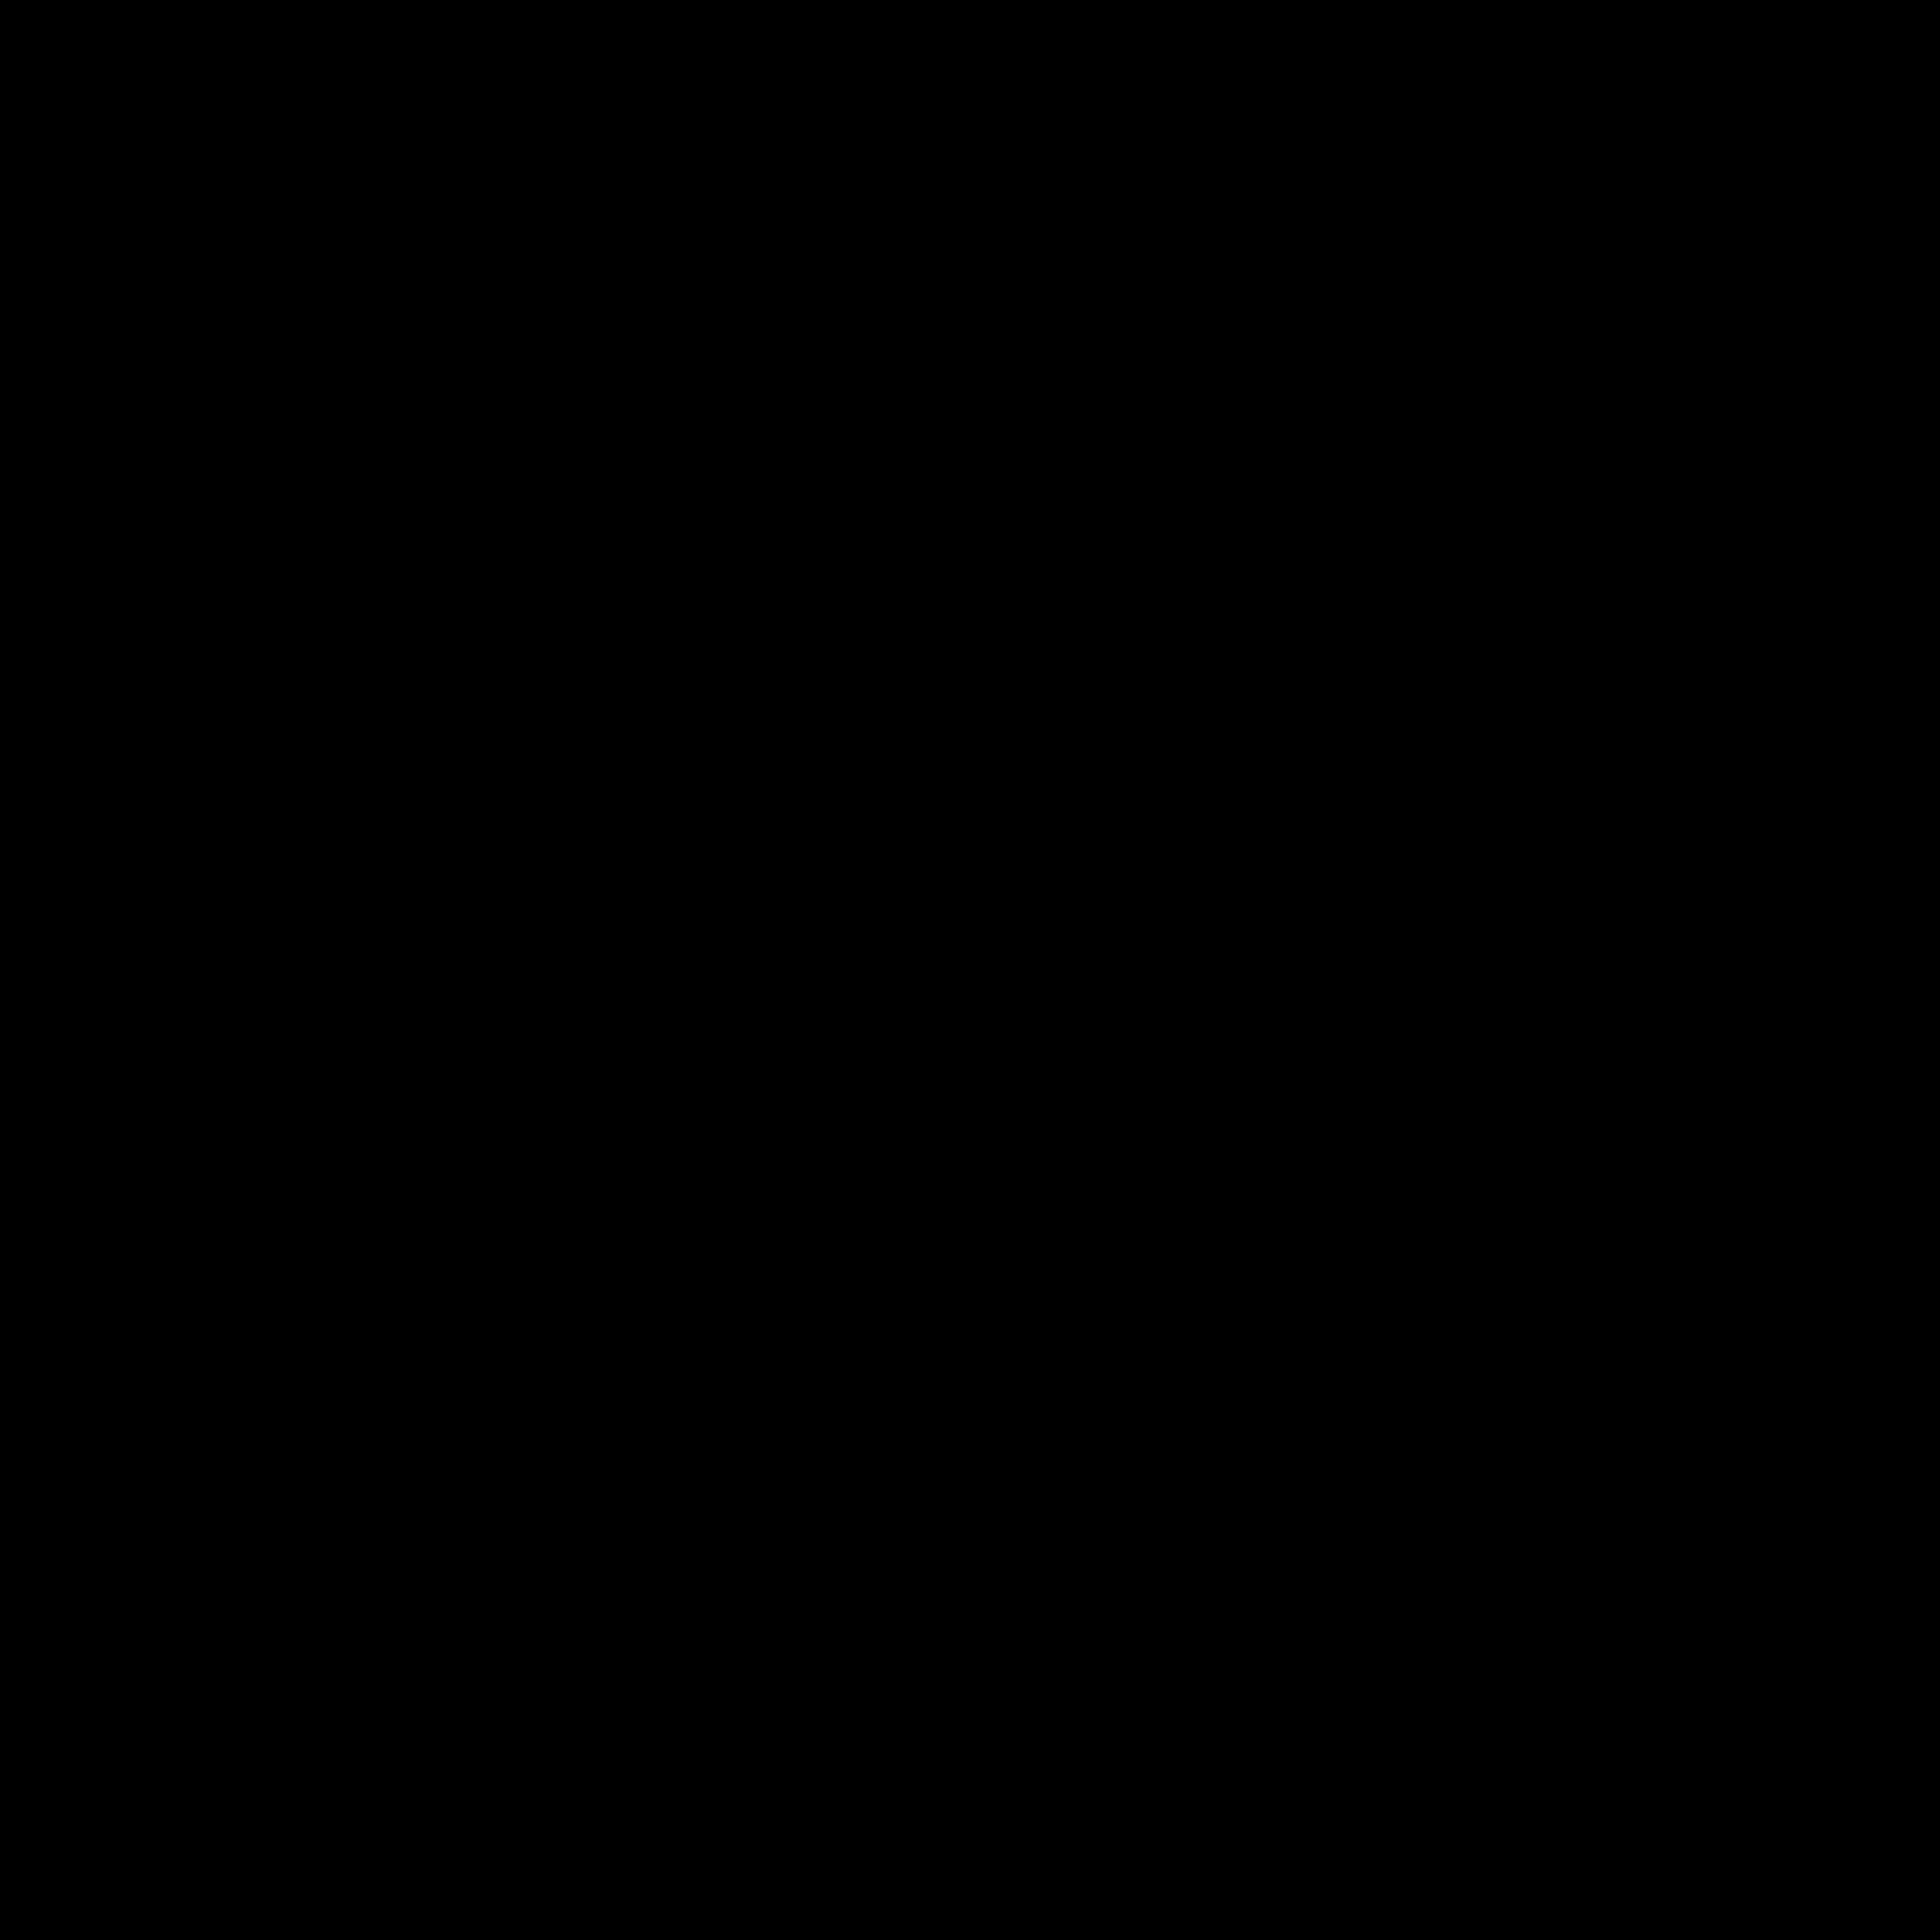 linkedin-4096-black.png